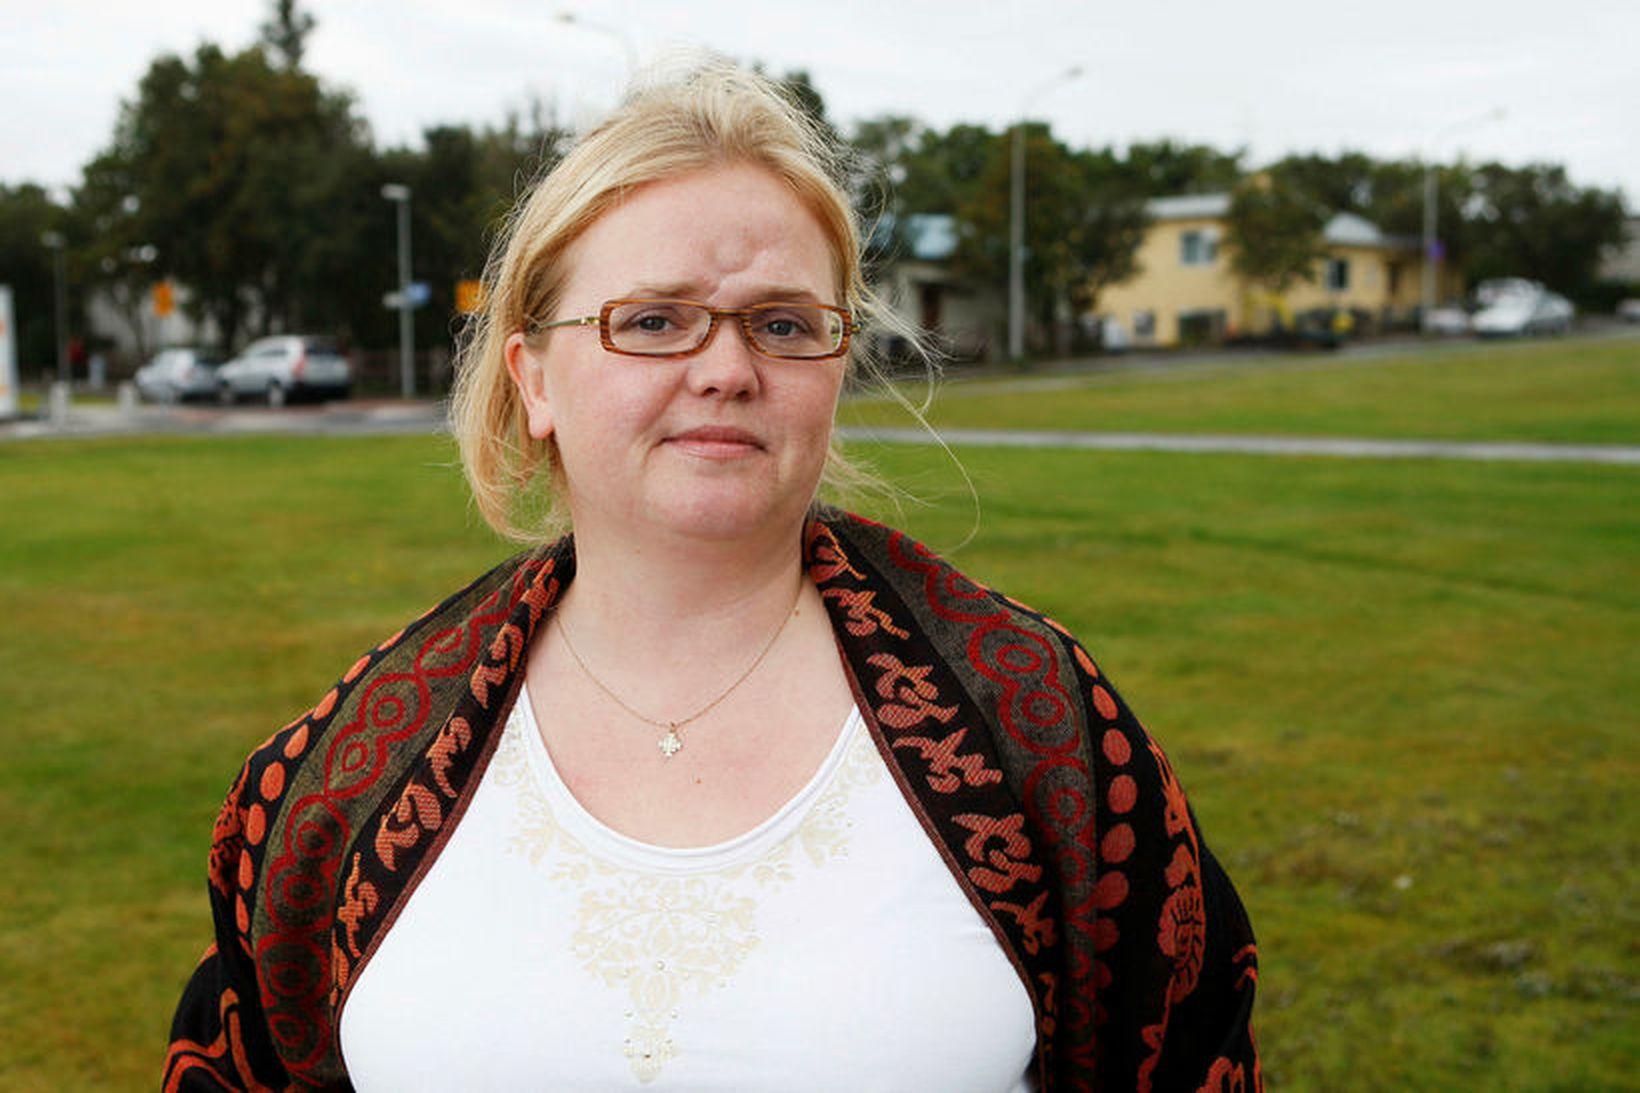 Silja Bára Ómarsdóttir, aðjúnkt í stjórmálafræði við Háskóla Íslands.